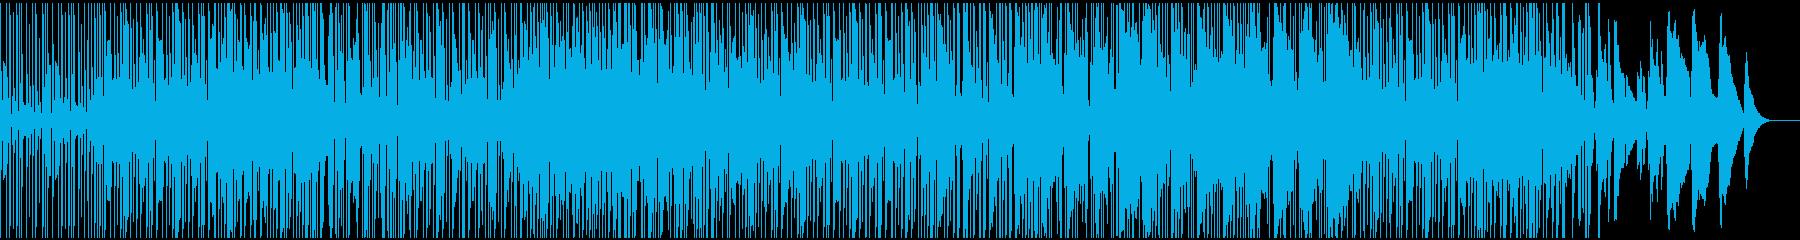 鍵盤楽器満載のLo-Fiヒップホップの再生済みの波形